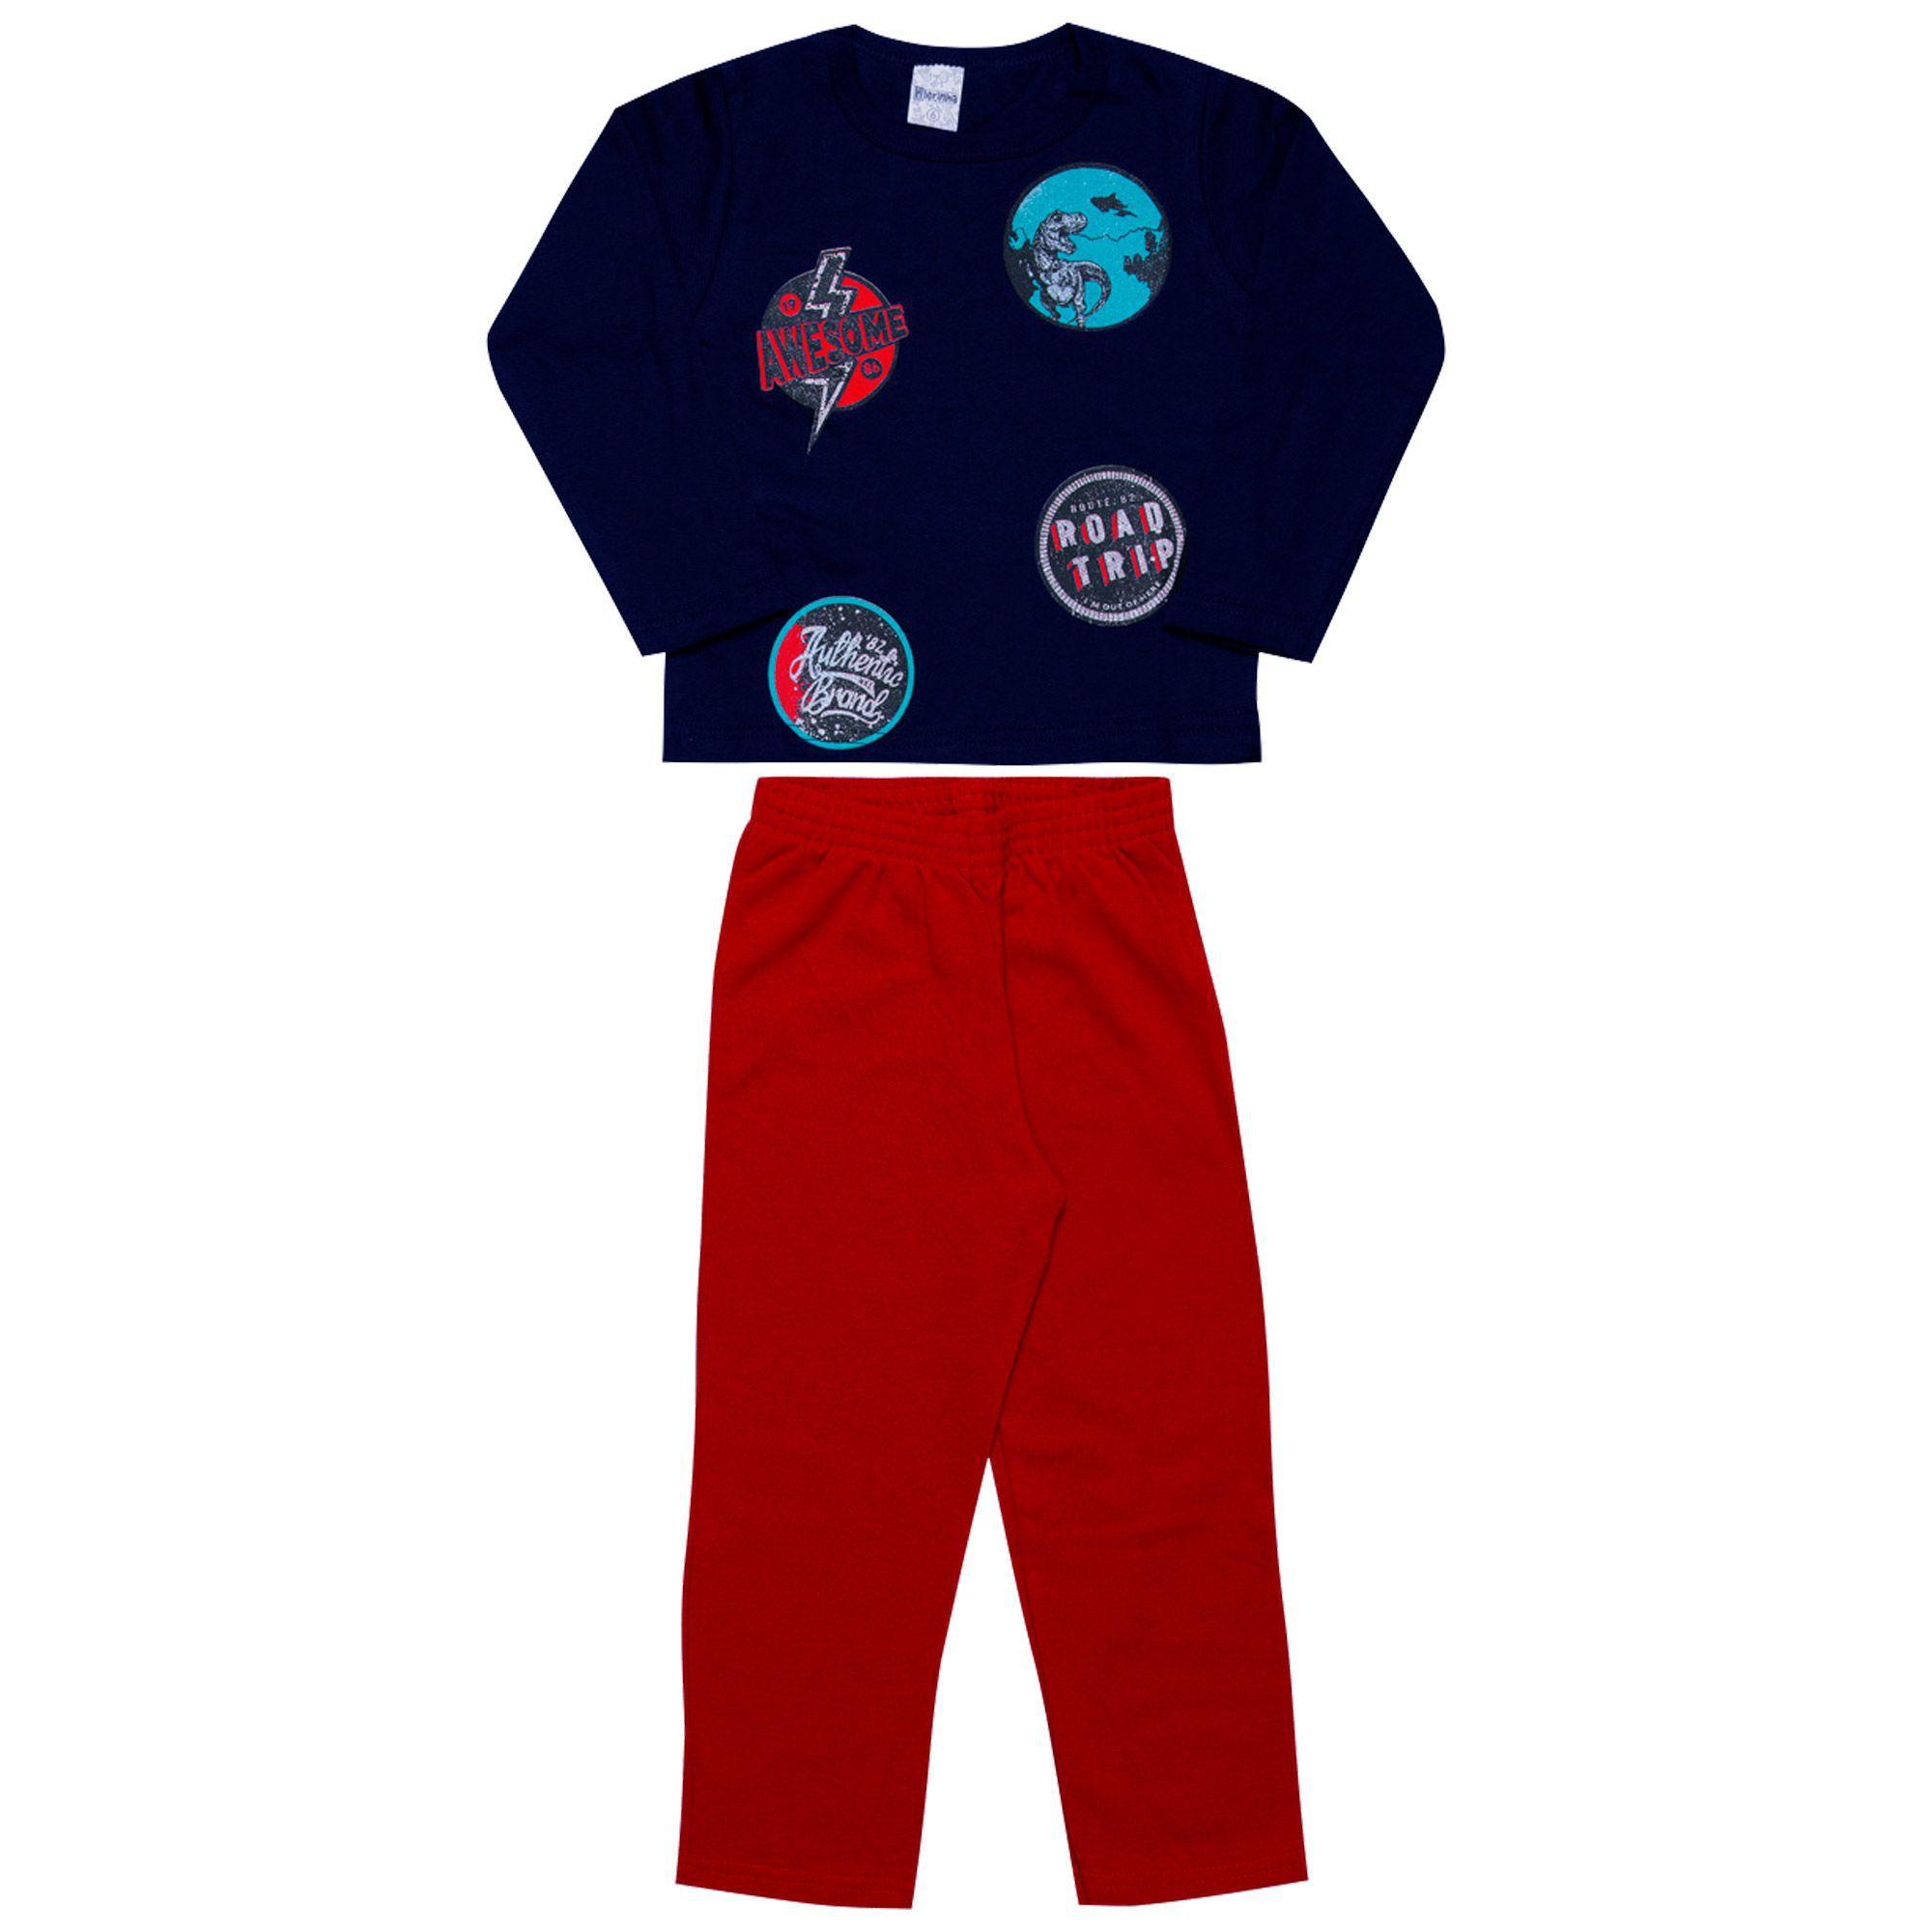 Conjunto Infantil Masculino 2 peças - Ref 1964 - Marinho/Vermelho